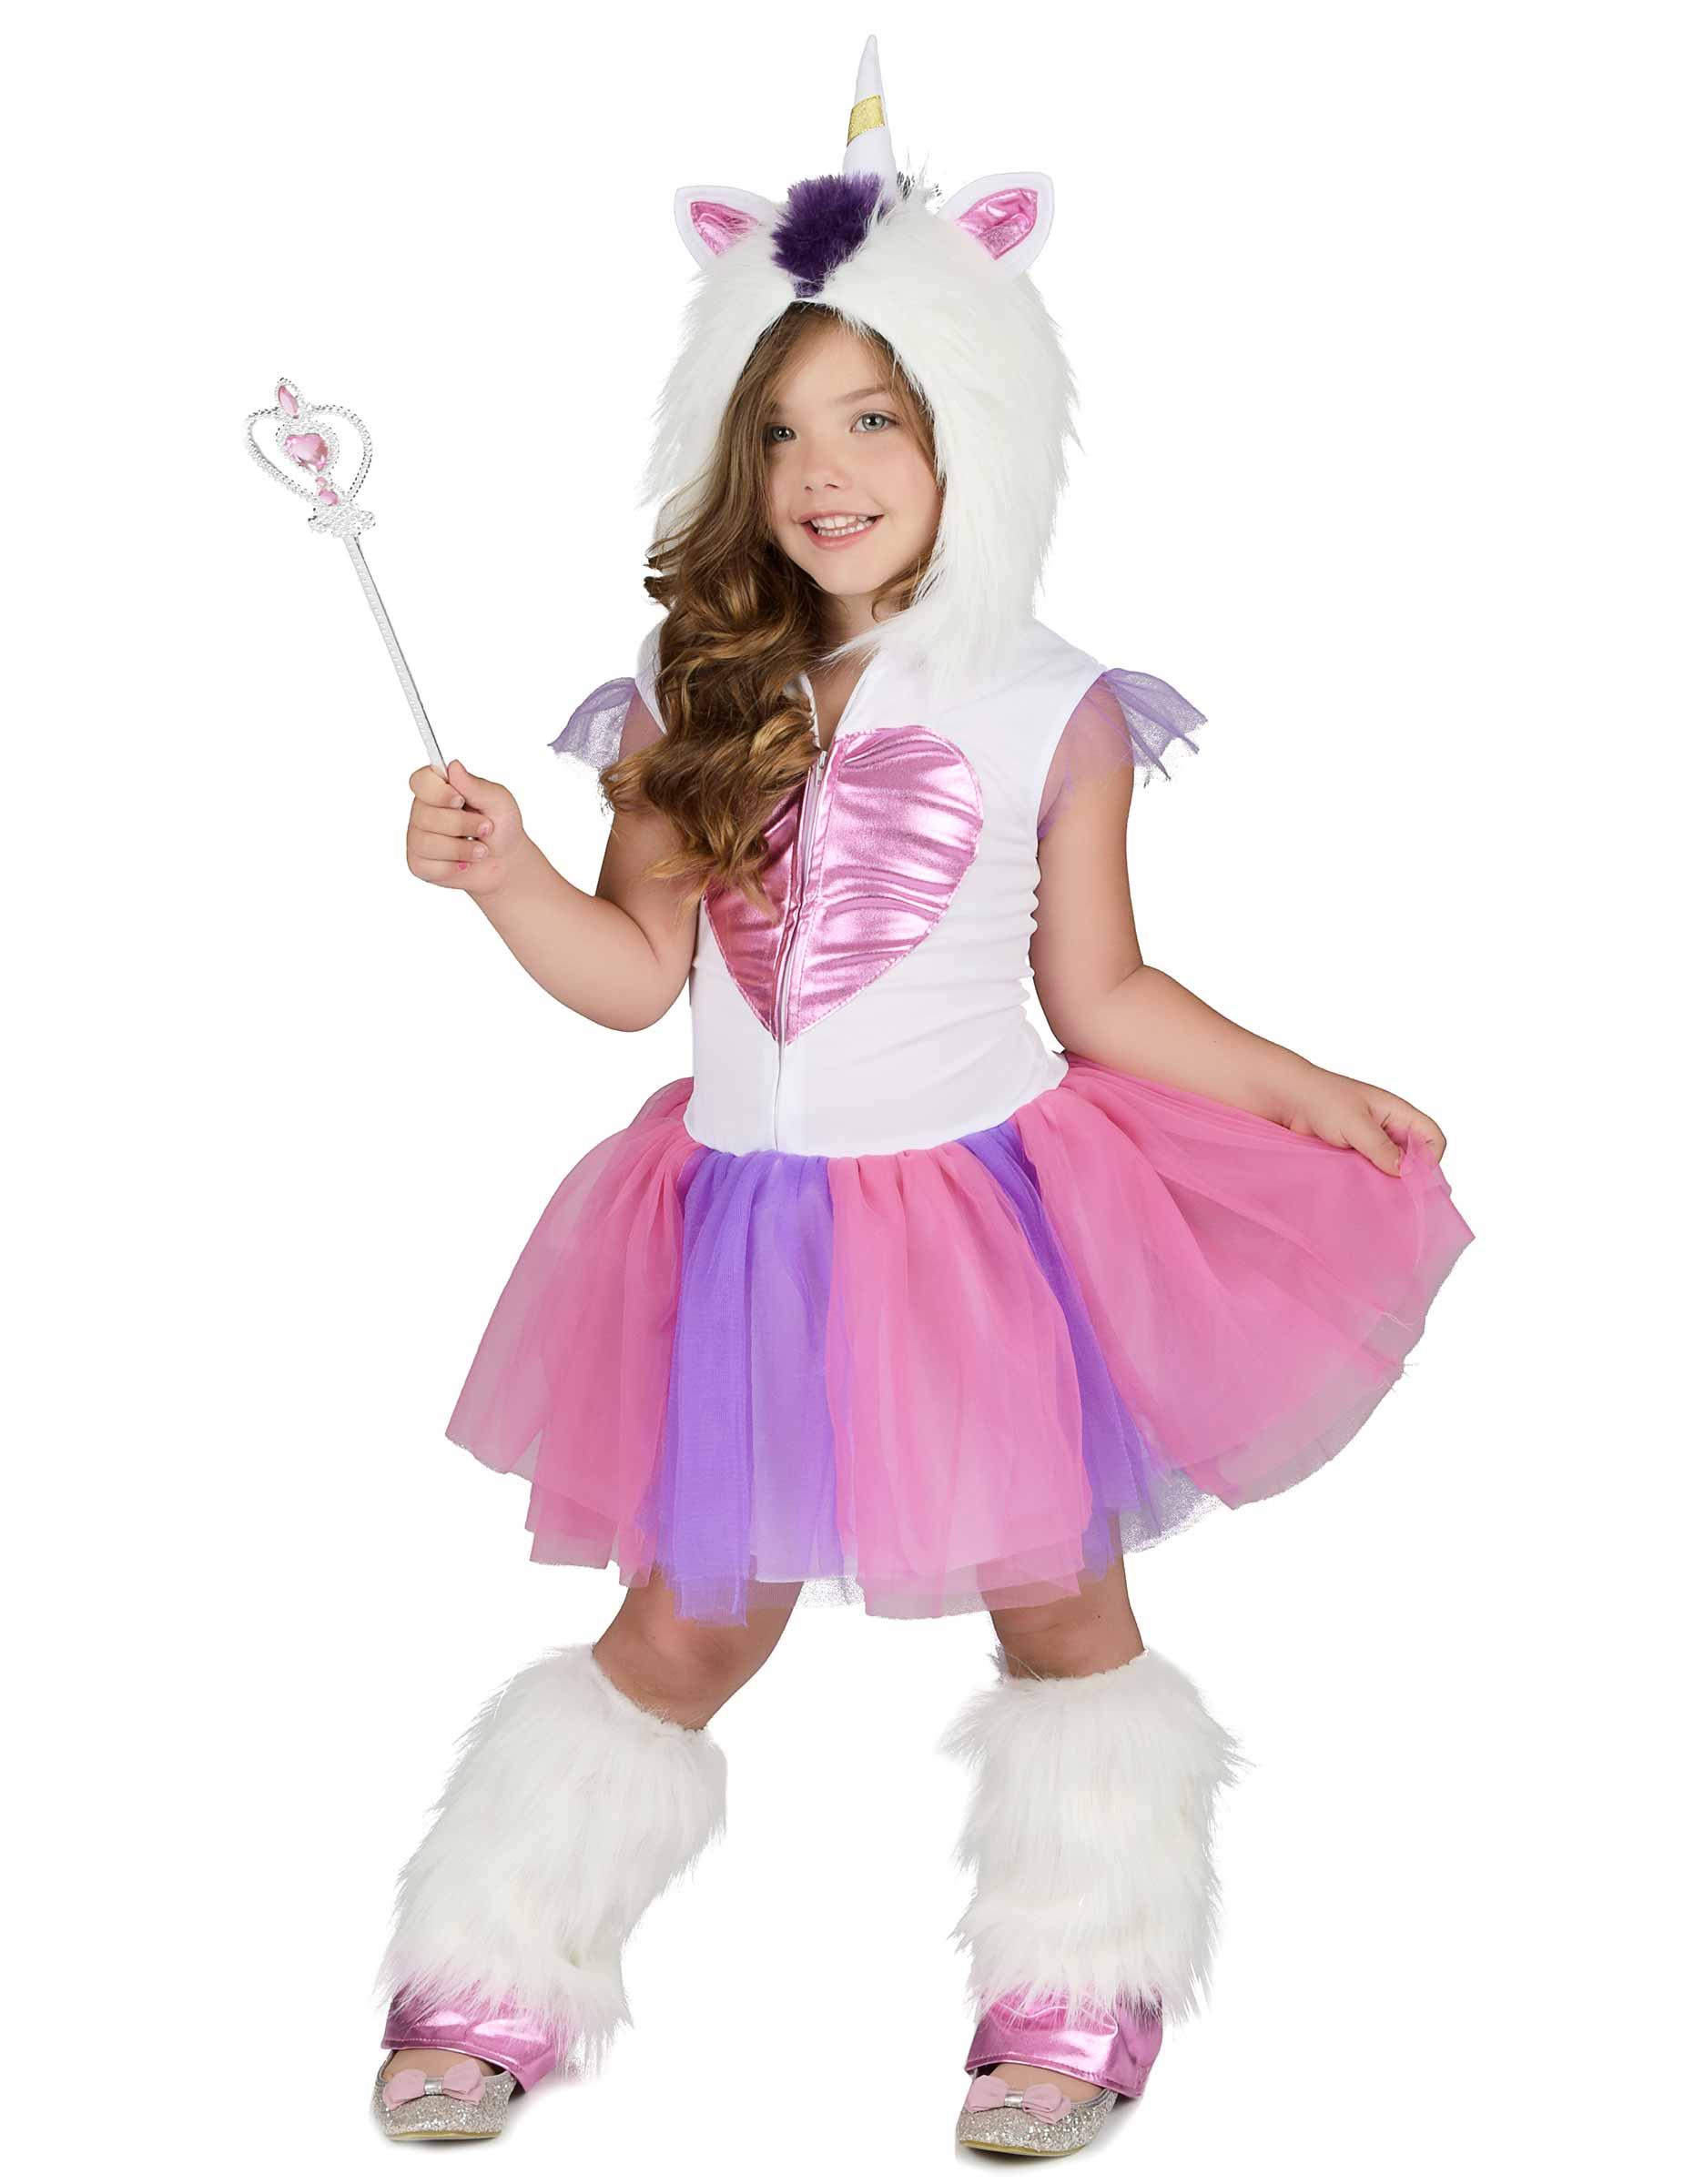 gamma esclusiva 100% genuino più economico Costume Principessa Unicorno peluche bambina